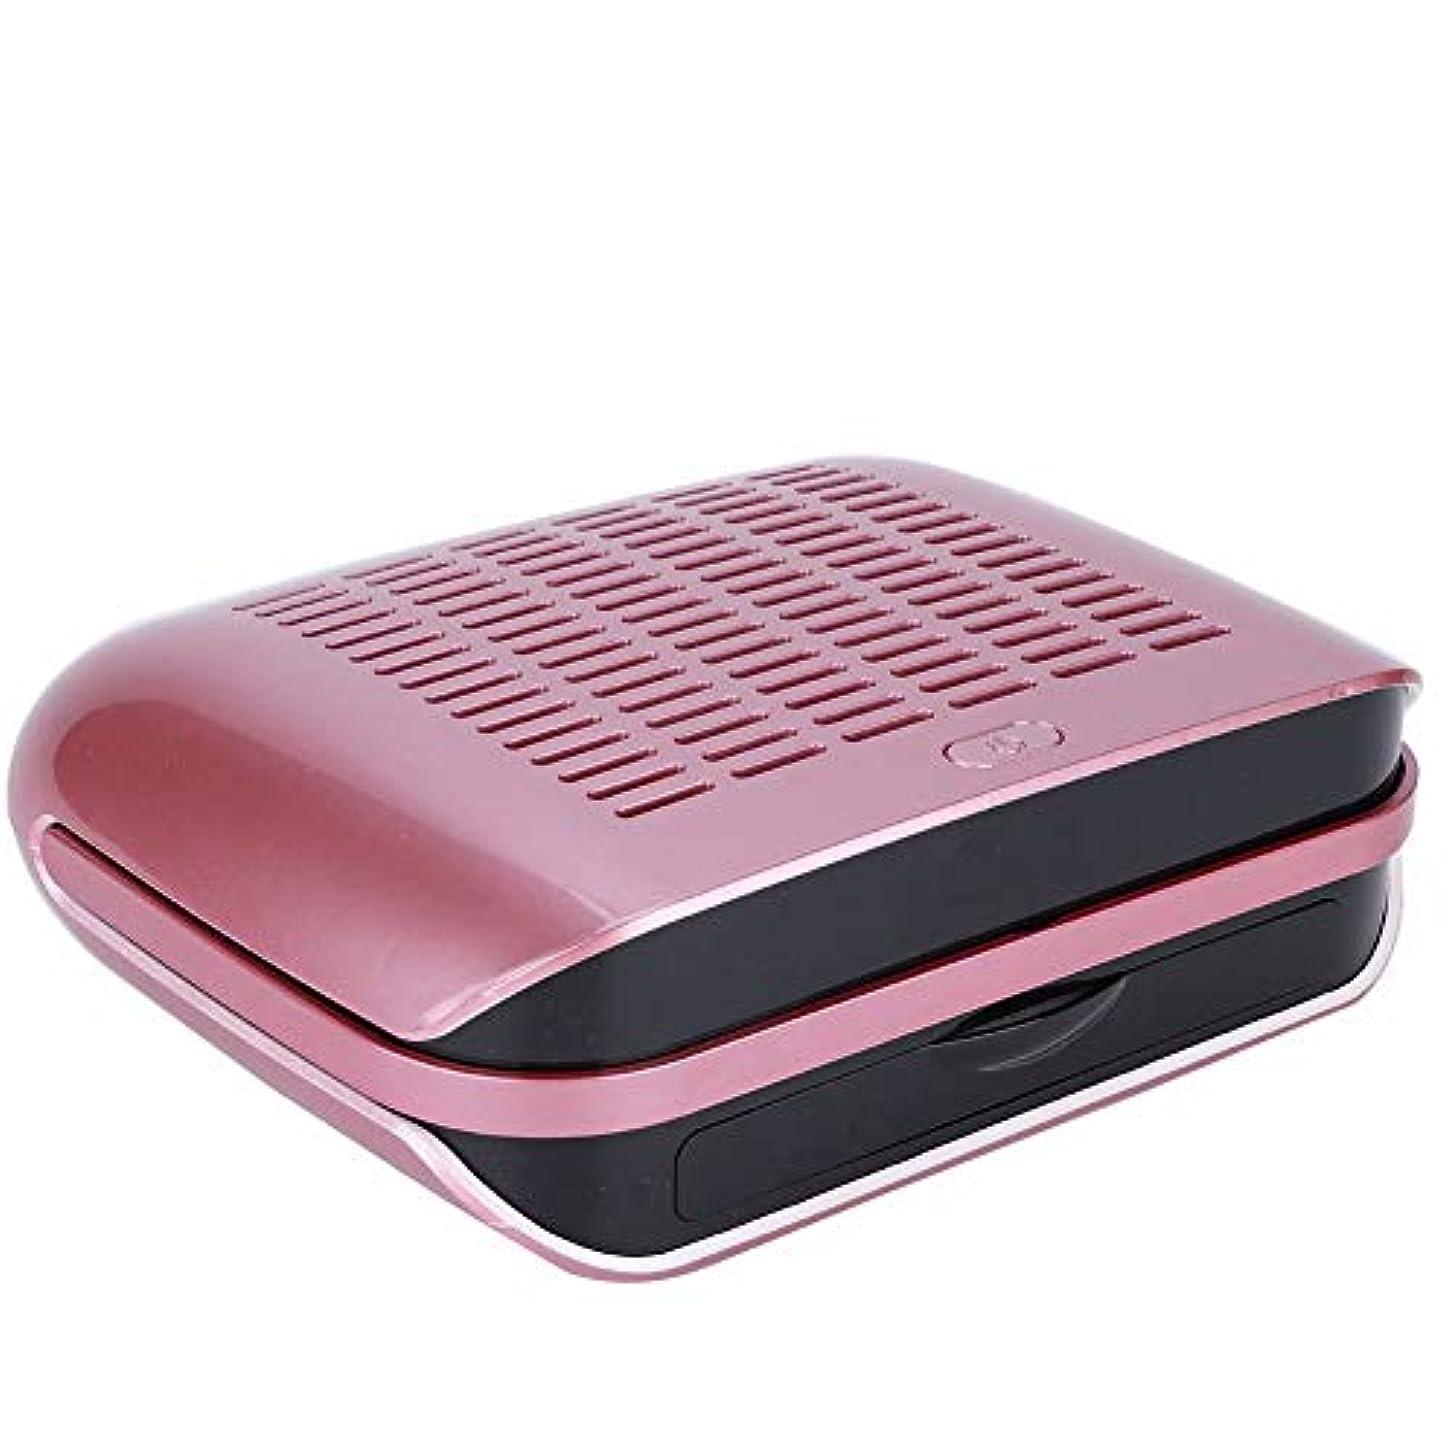 ヒットマッシュ触手ネイルダストコレクター、プロフェッショナル68W超強力ネイルダストは、ホーム/ネイルアートサロン用の統合フィルターボード付きマシンを収集します(US Plug)